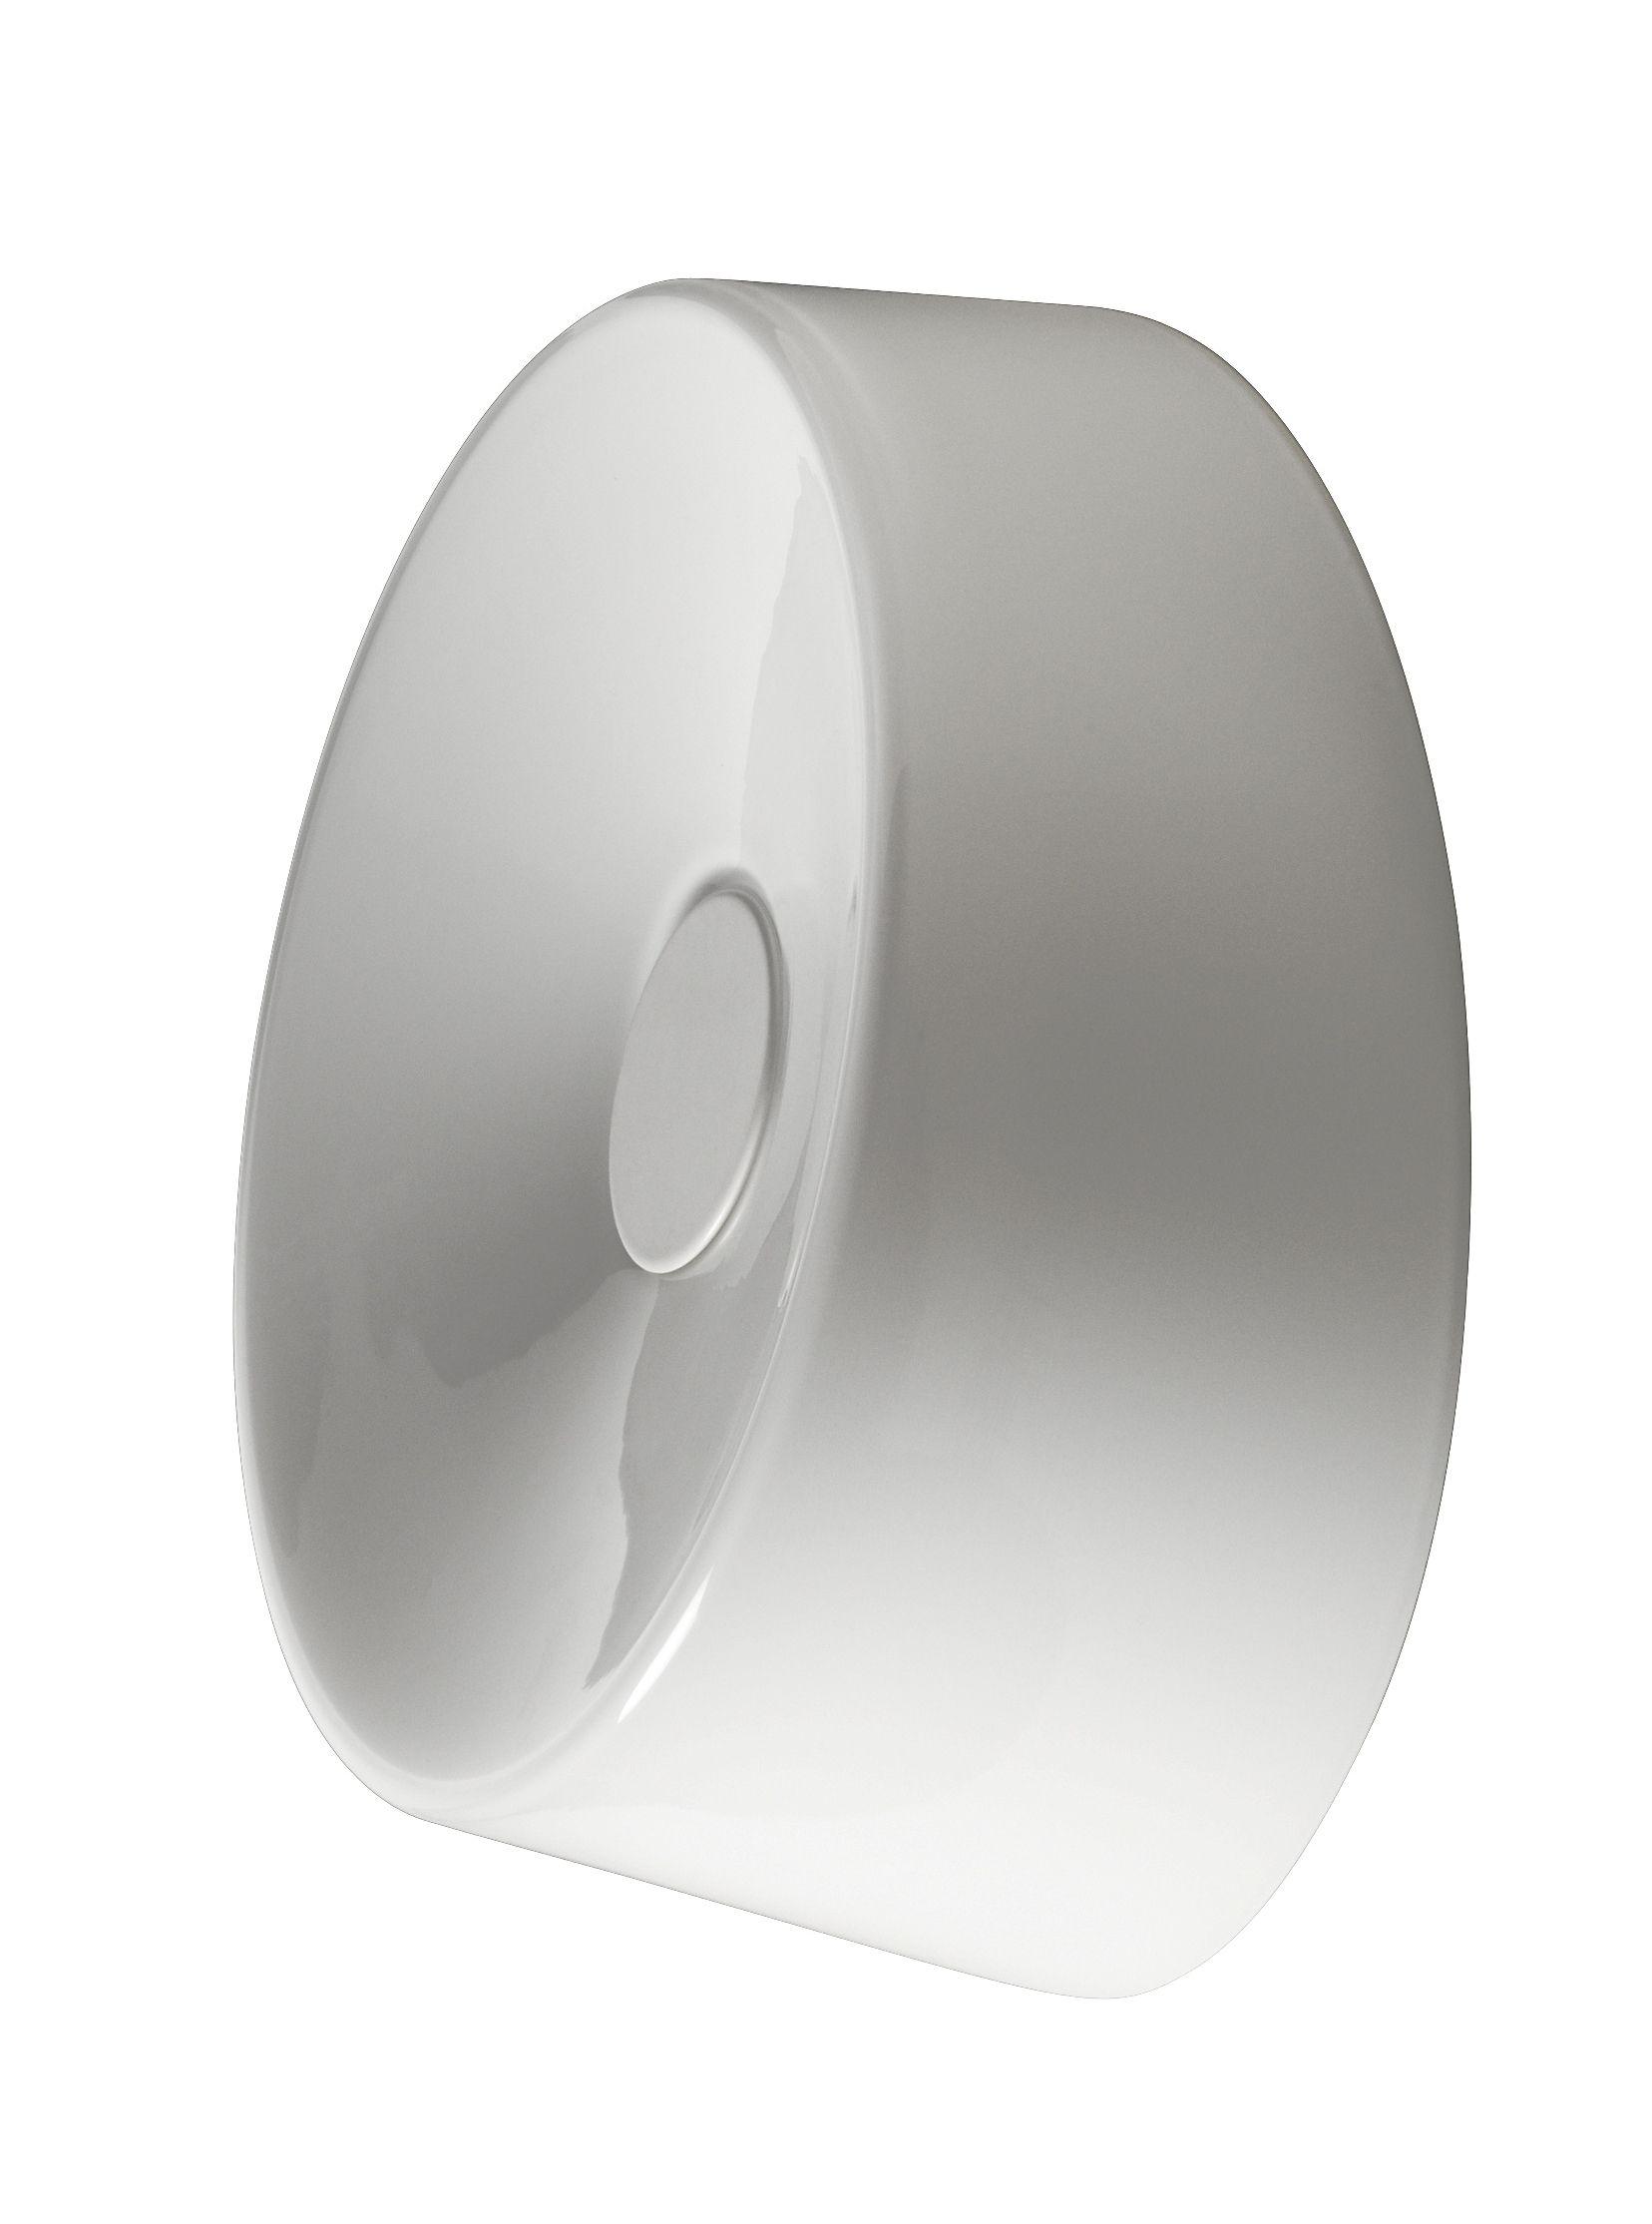 Luminaire - Appliques - Applique Lumiere XXS / Plafonnier - Ø 25 cm - Foscarini - Ø 25 cm - XXS - Verre soufflé